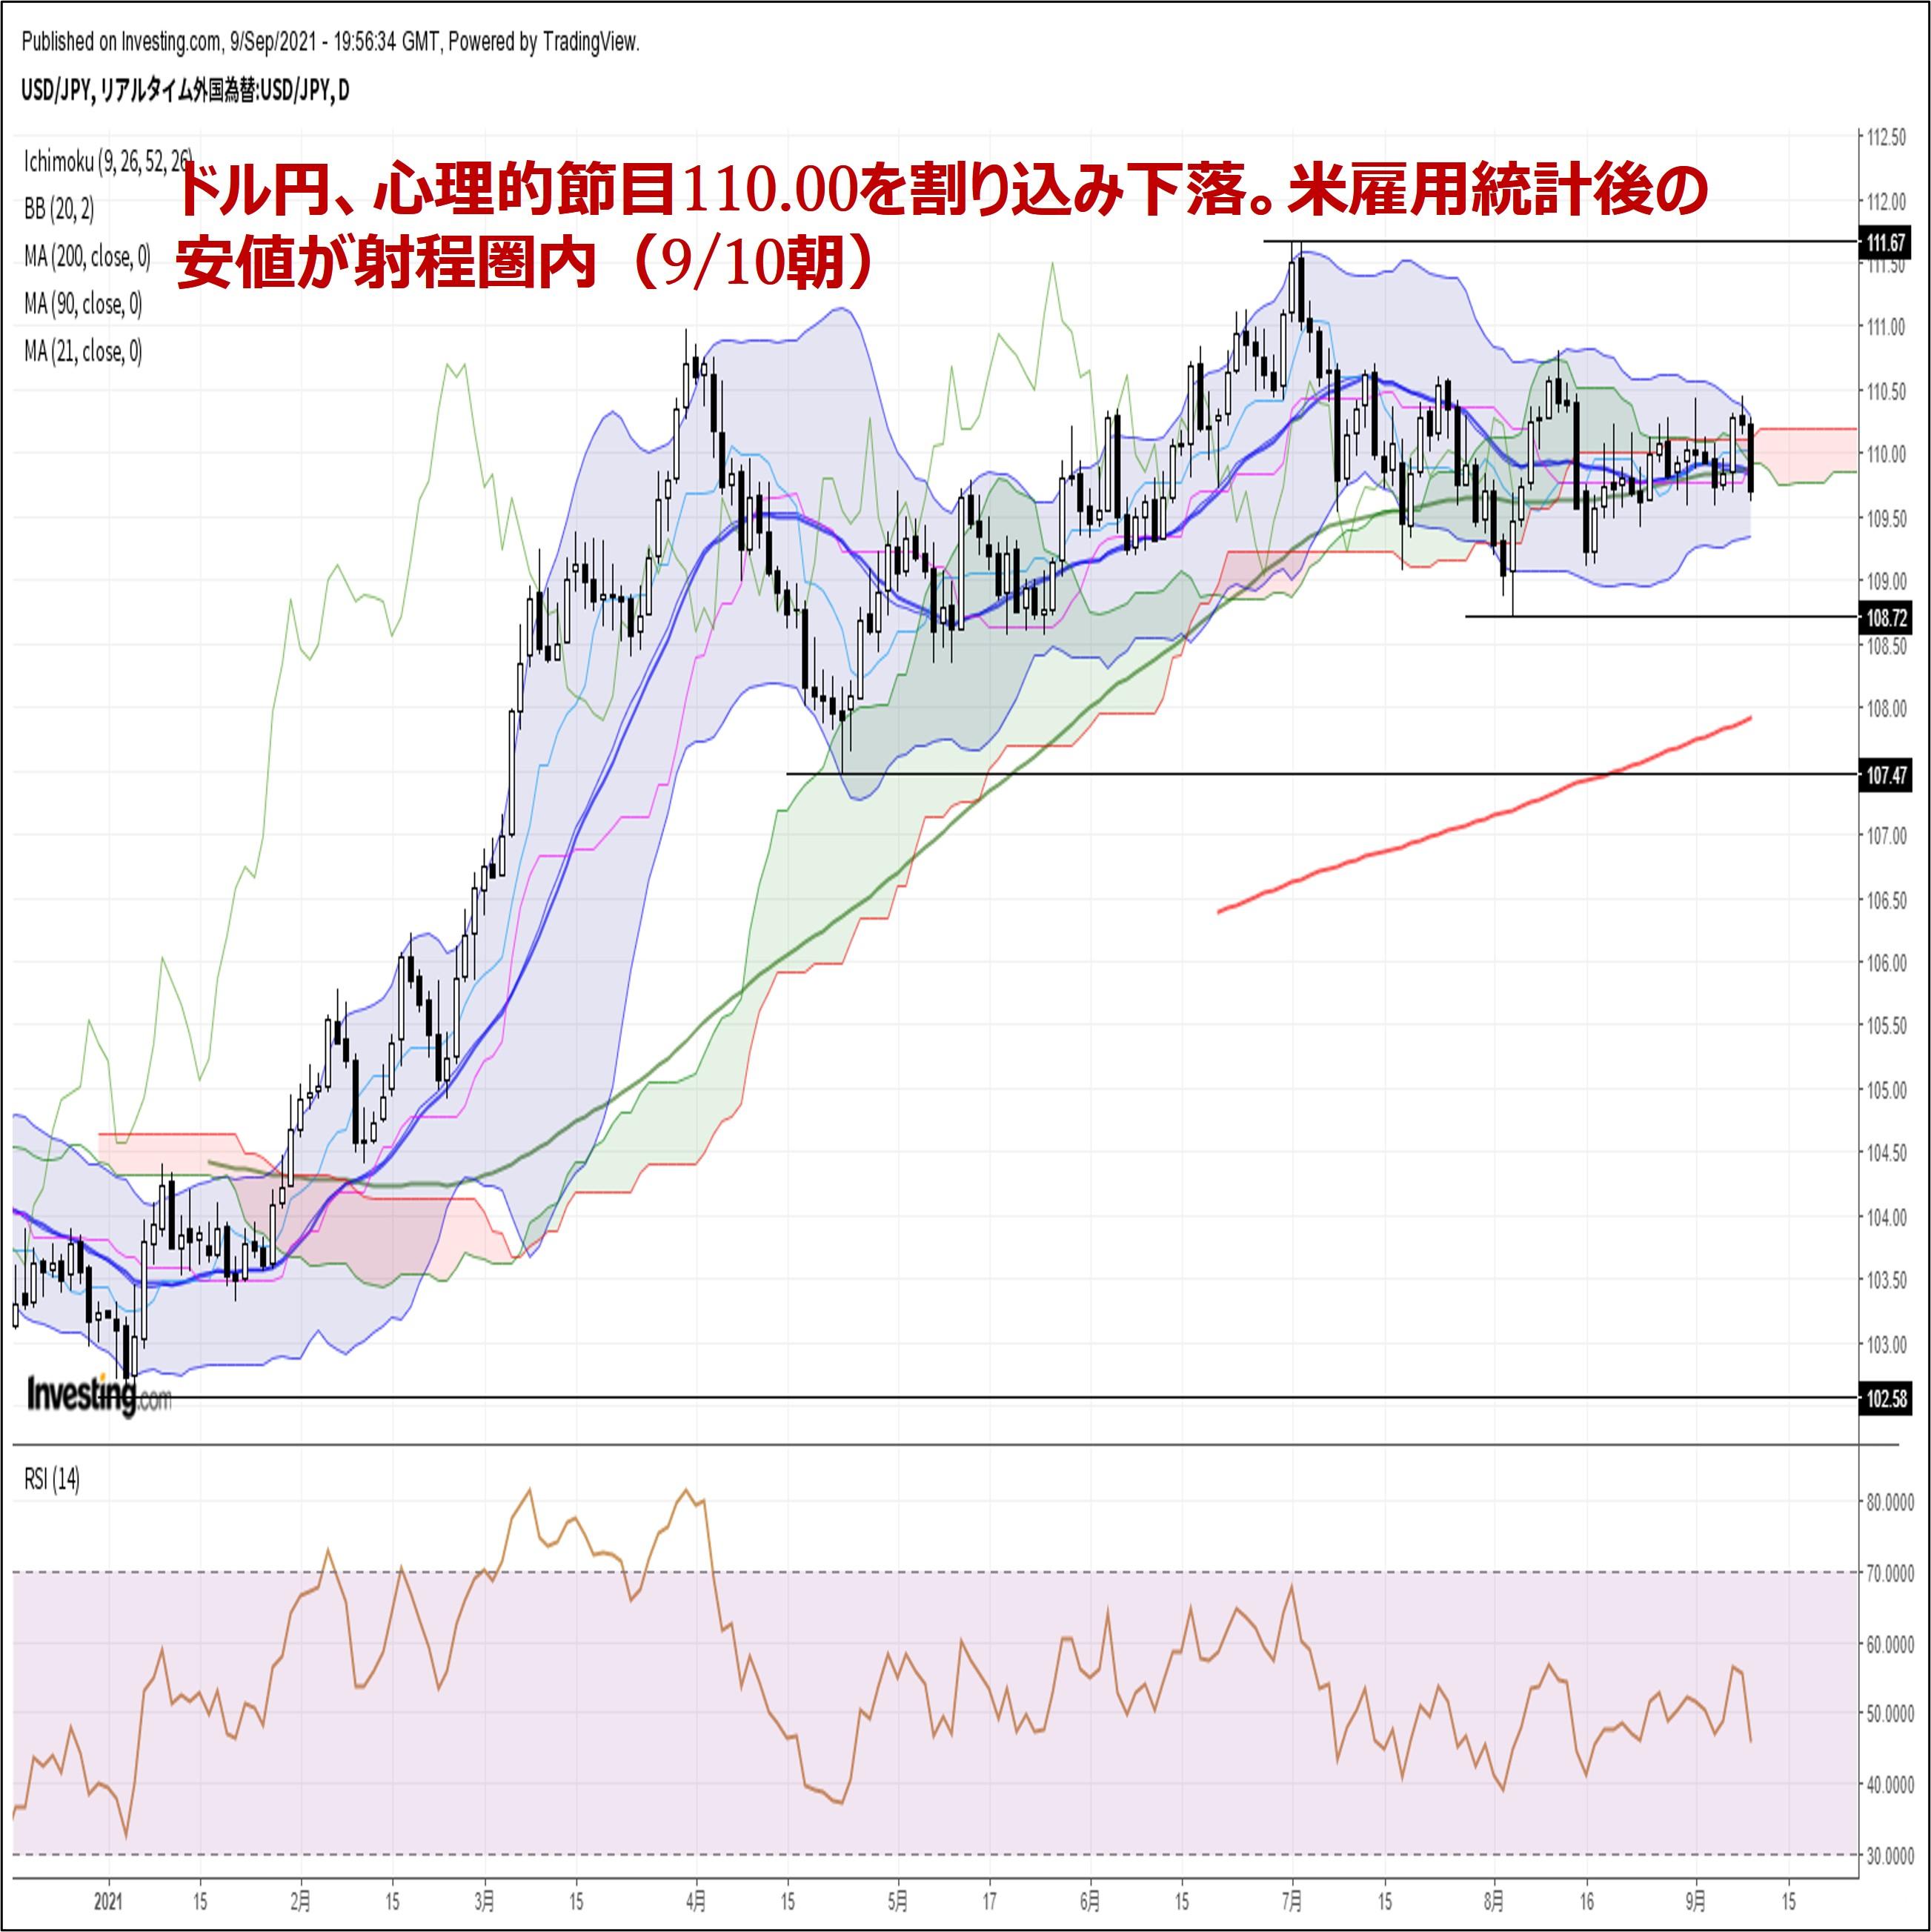 ドル円、心理的節目110.00を割り込み下落。米雇用統計後の安値が射程圏内(9/10朝)